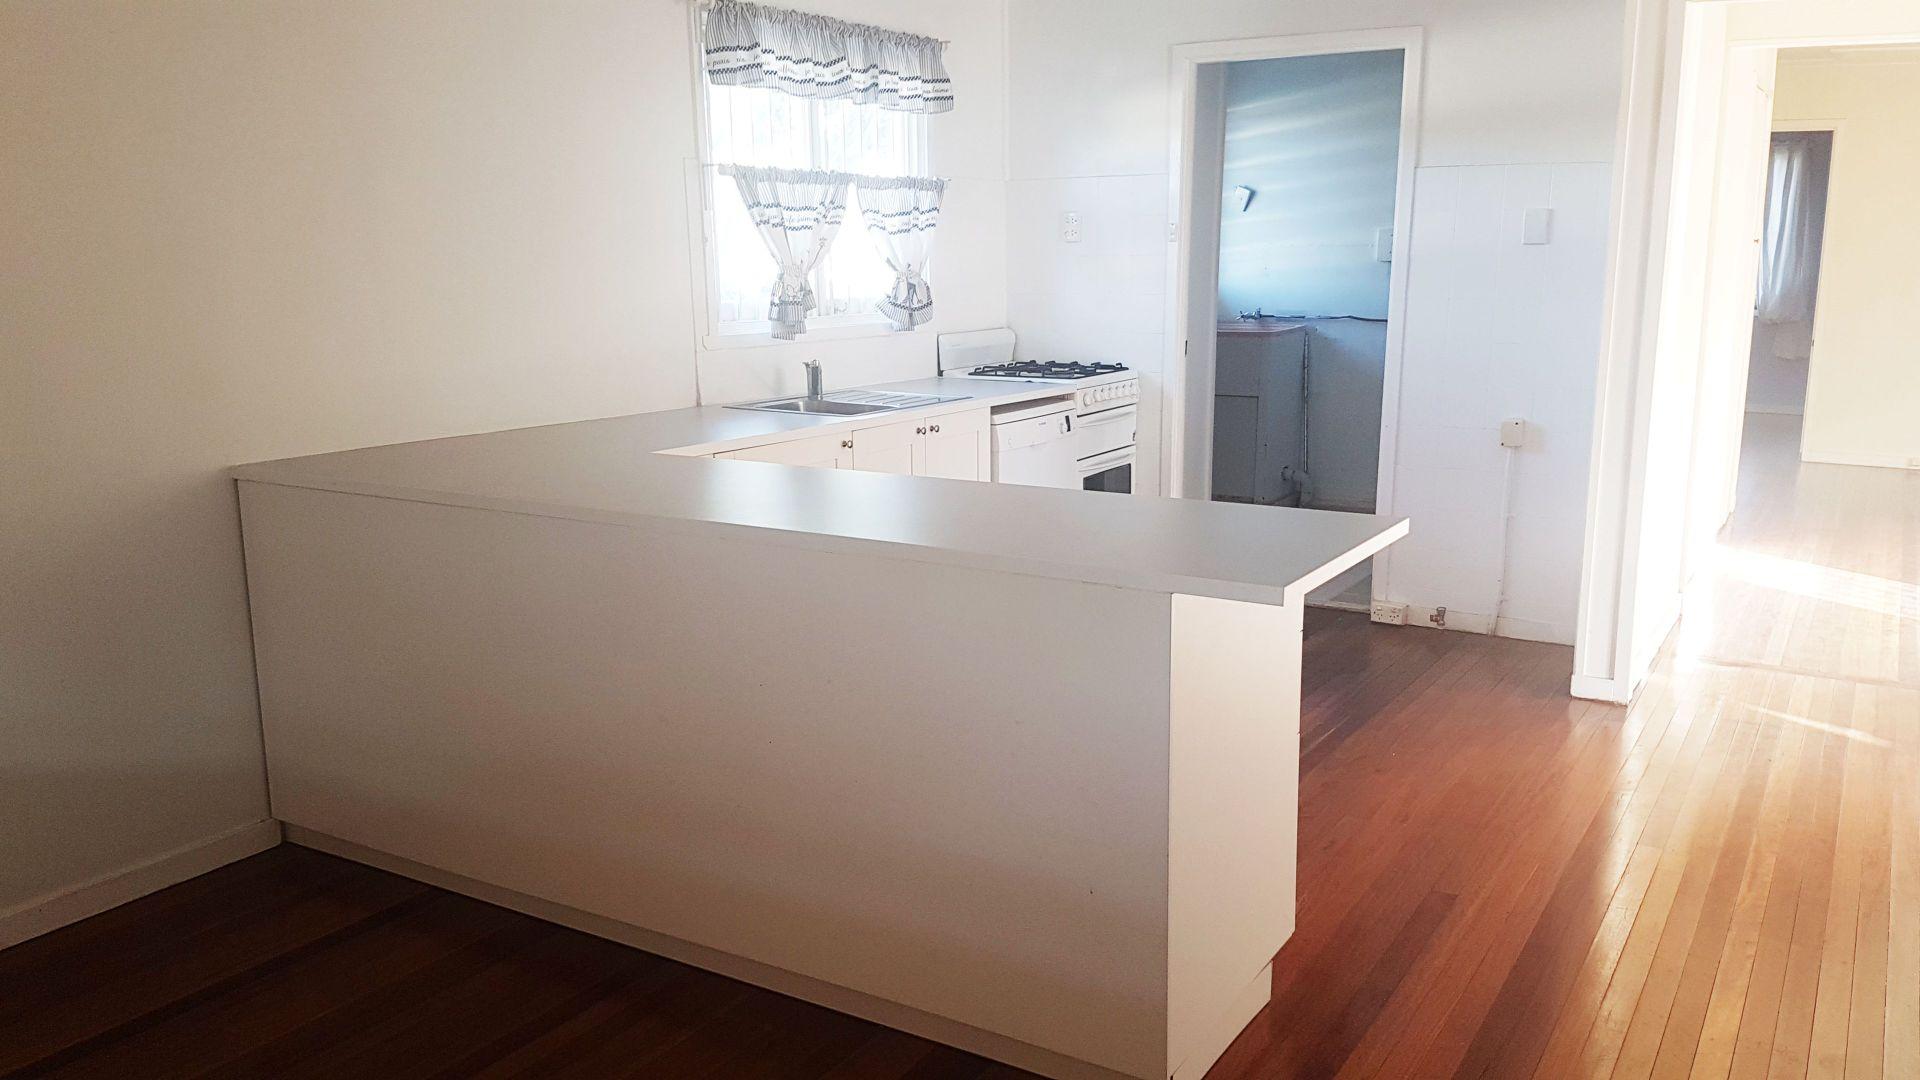 10 Nutmeg St, Inala QLD 4077, Image 2